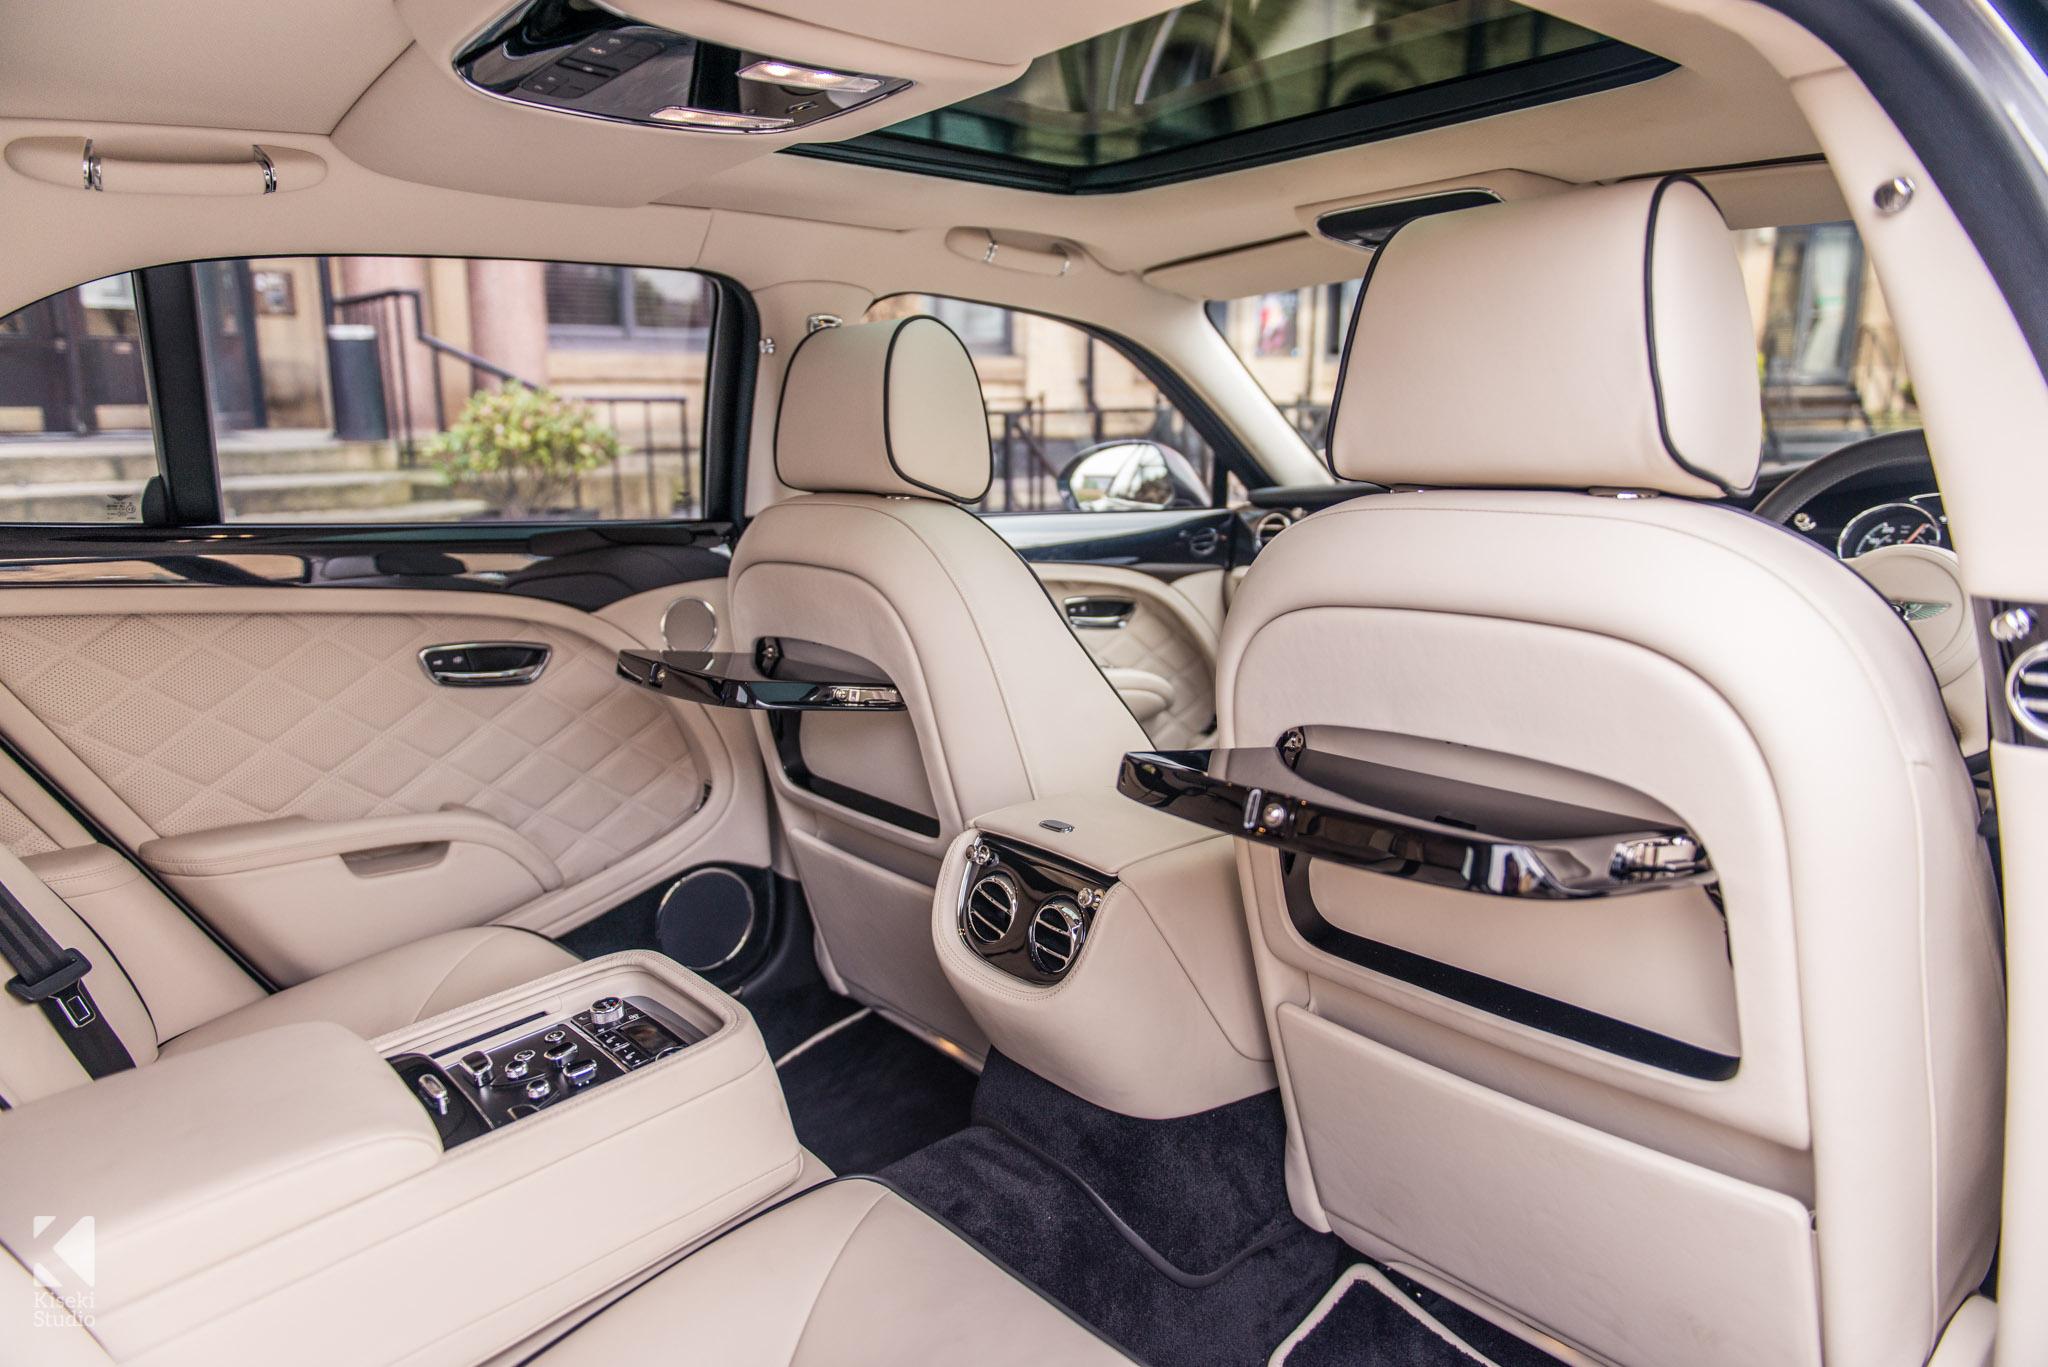 Bentley Mulsanne Ivory interior